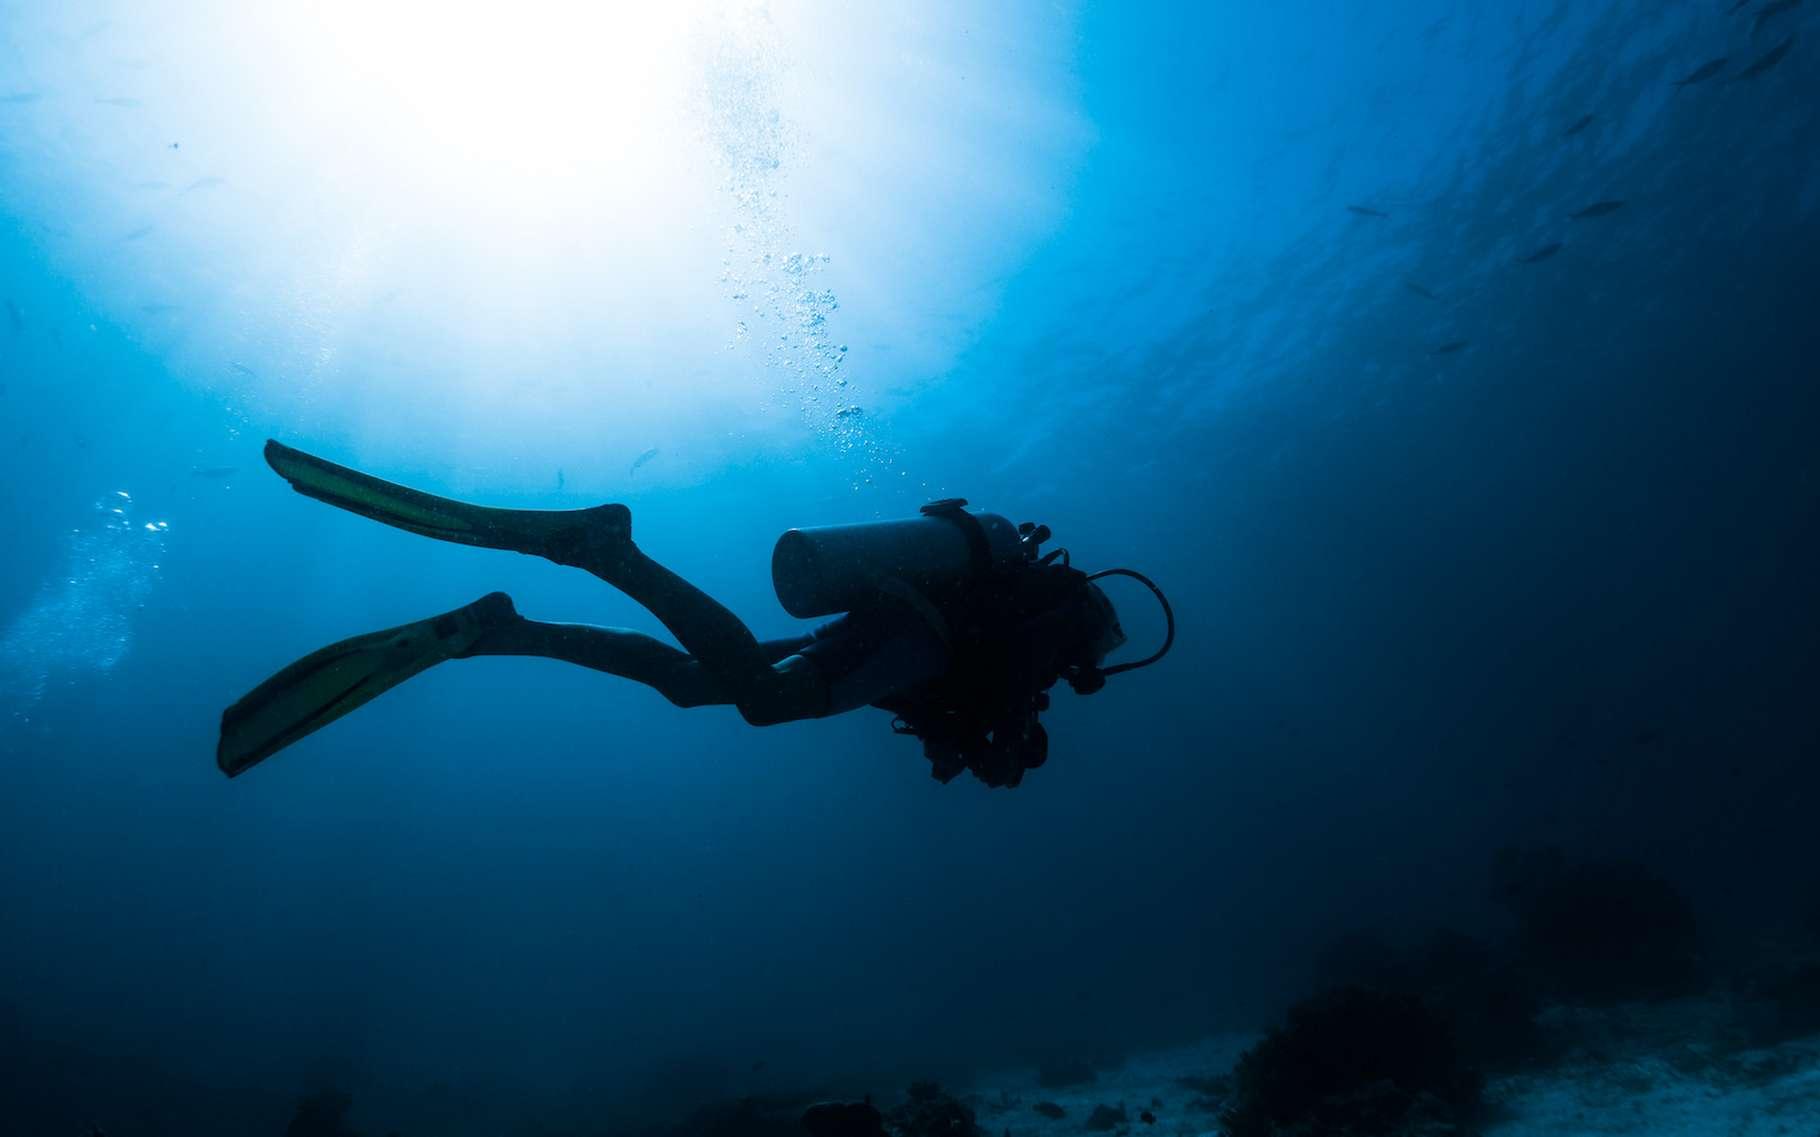 Des plongeurs du Groupement de recherches archéologiques du littoral languedocien ont découvert, par hasard, une forêt sous-marine au large de l'Hérault. © Dudarev Mikhail, Adobe Stock